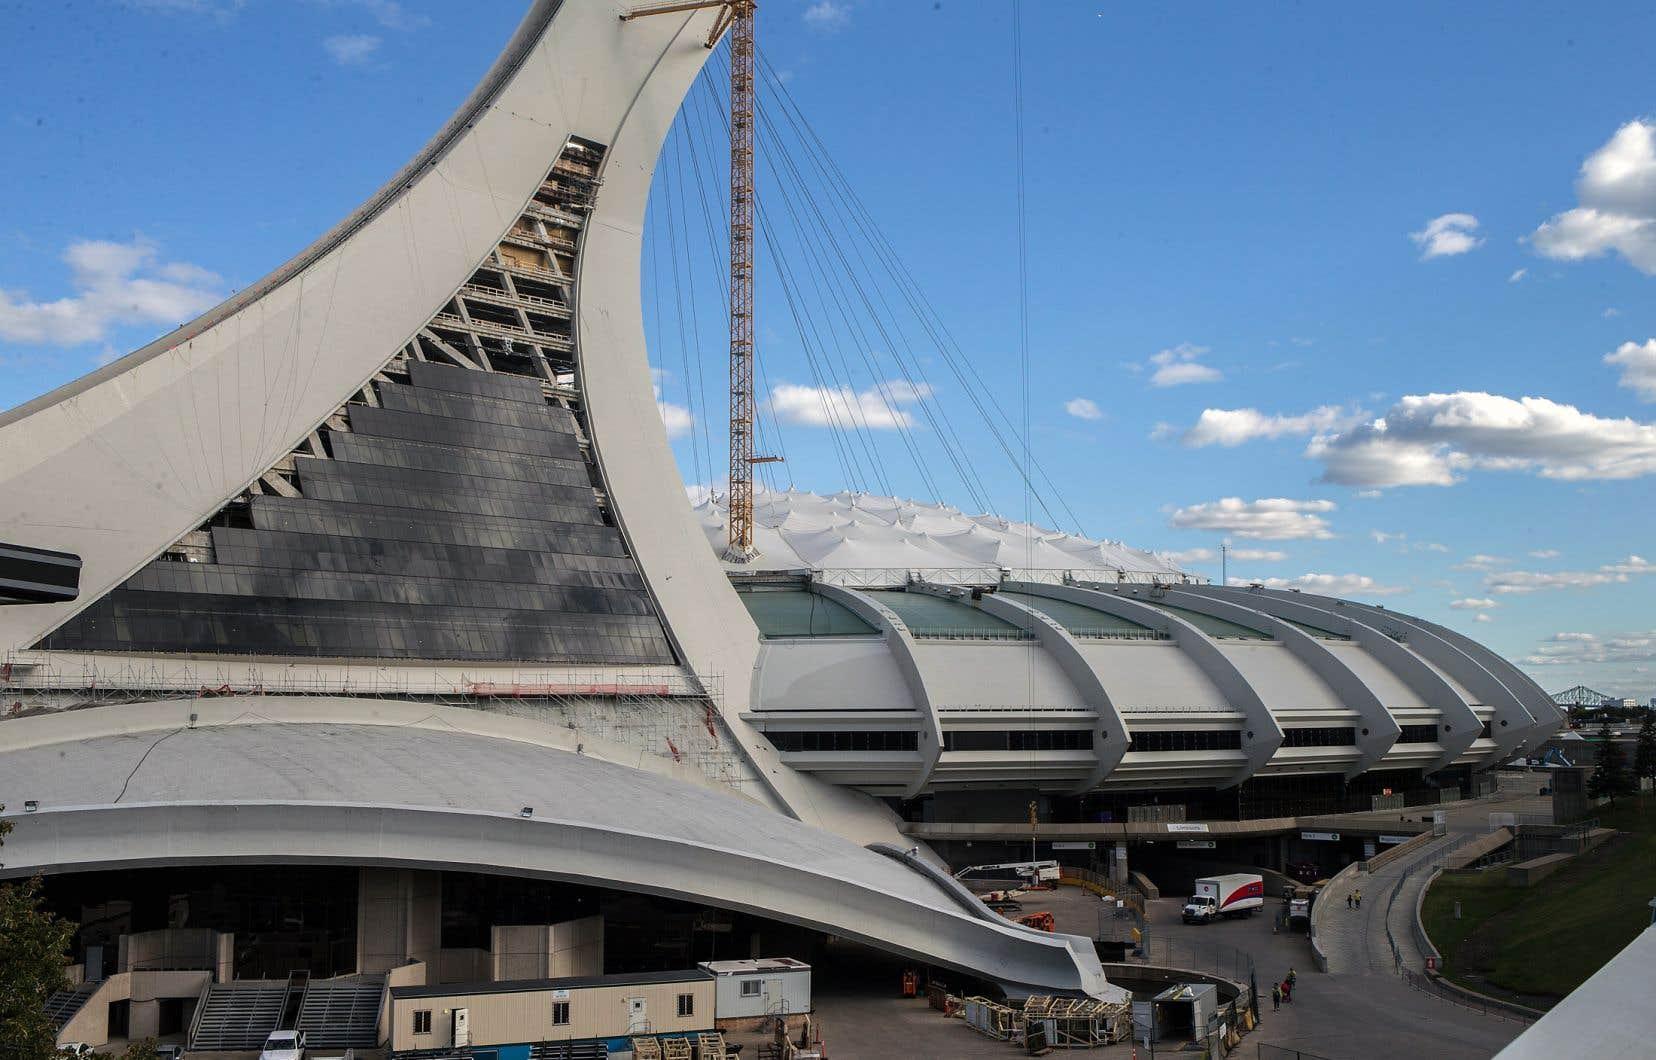 La participation de Montréal au tournoi de la Coupe du monde de 2026 dépend de l'avancement des travaux sur le toit du Stade olympique. Tous les matchs en sol montréalais s'y dérouleraient.